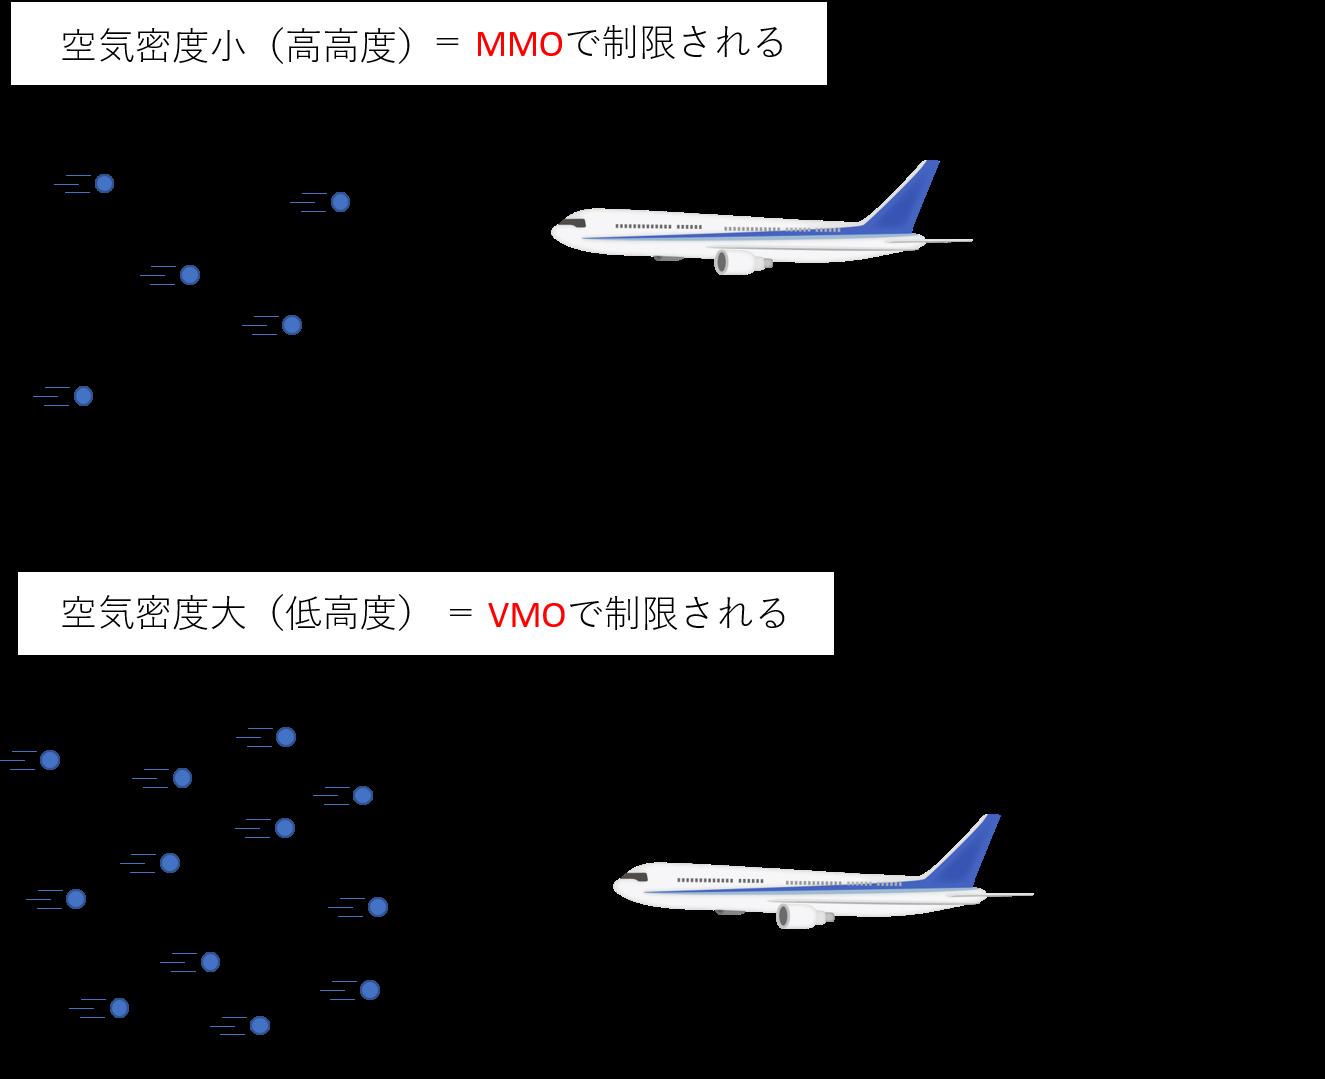 VMOによる制限とMMOによる制限のイメージ図